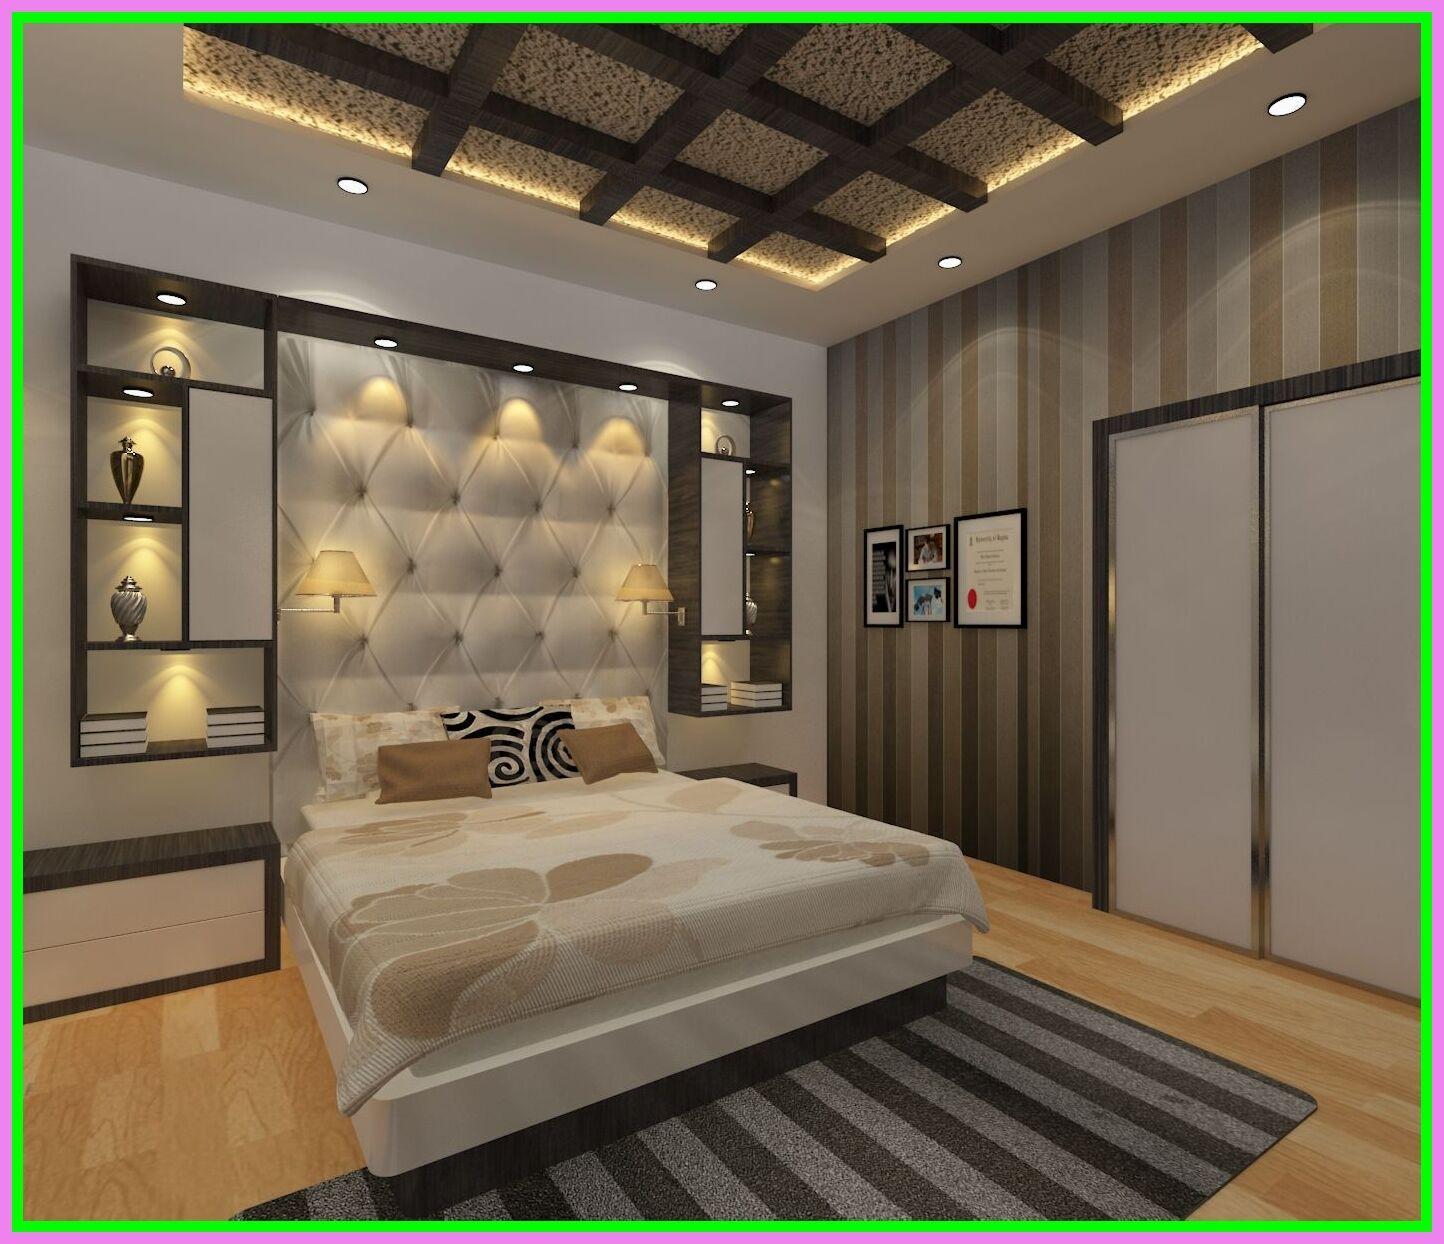 Master Bedroom False Ceiling Design In 2019 Bedroom False Ceiling Design False Ceiling Design Dubai Khalifa